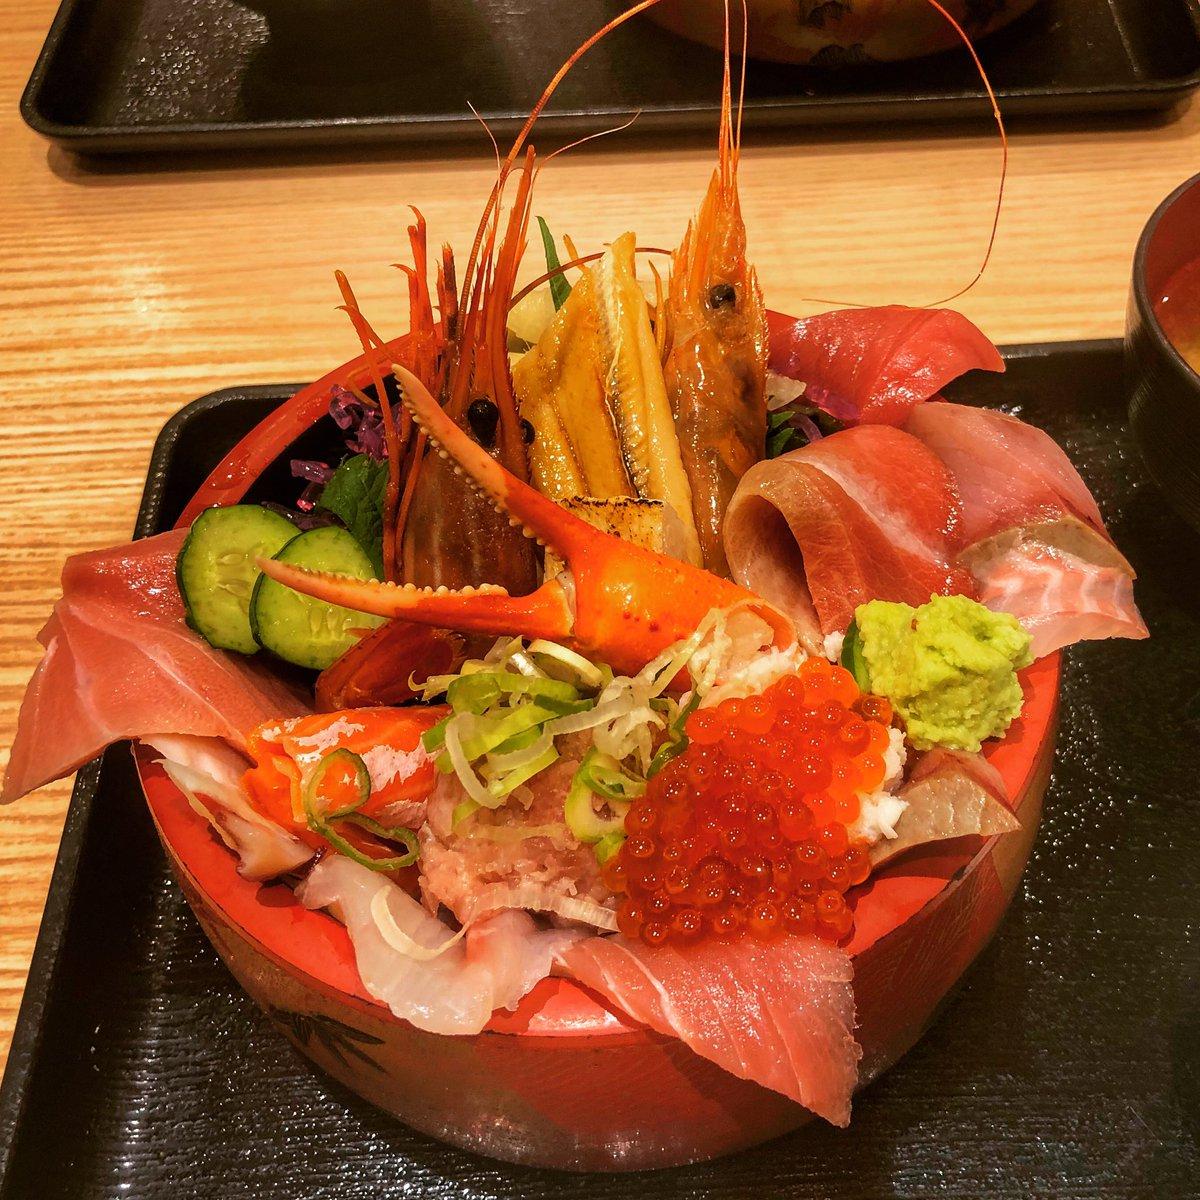 激安【海鮮丼】北陸 石川県 金沢ツーリング来るなら押さえておきたい食事 コスパ最高!!